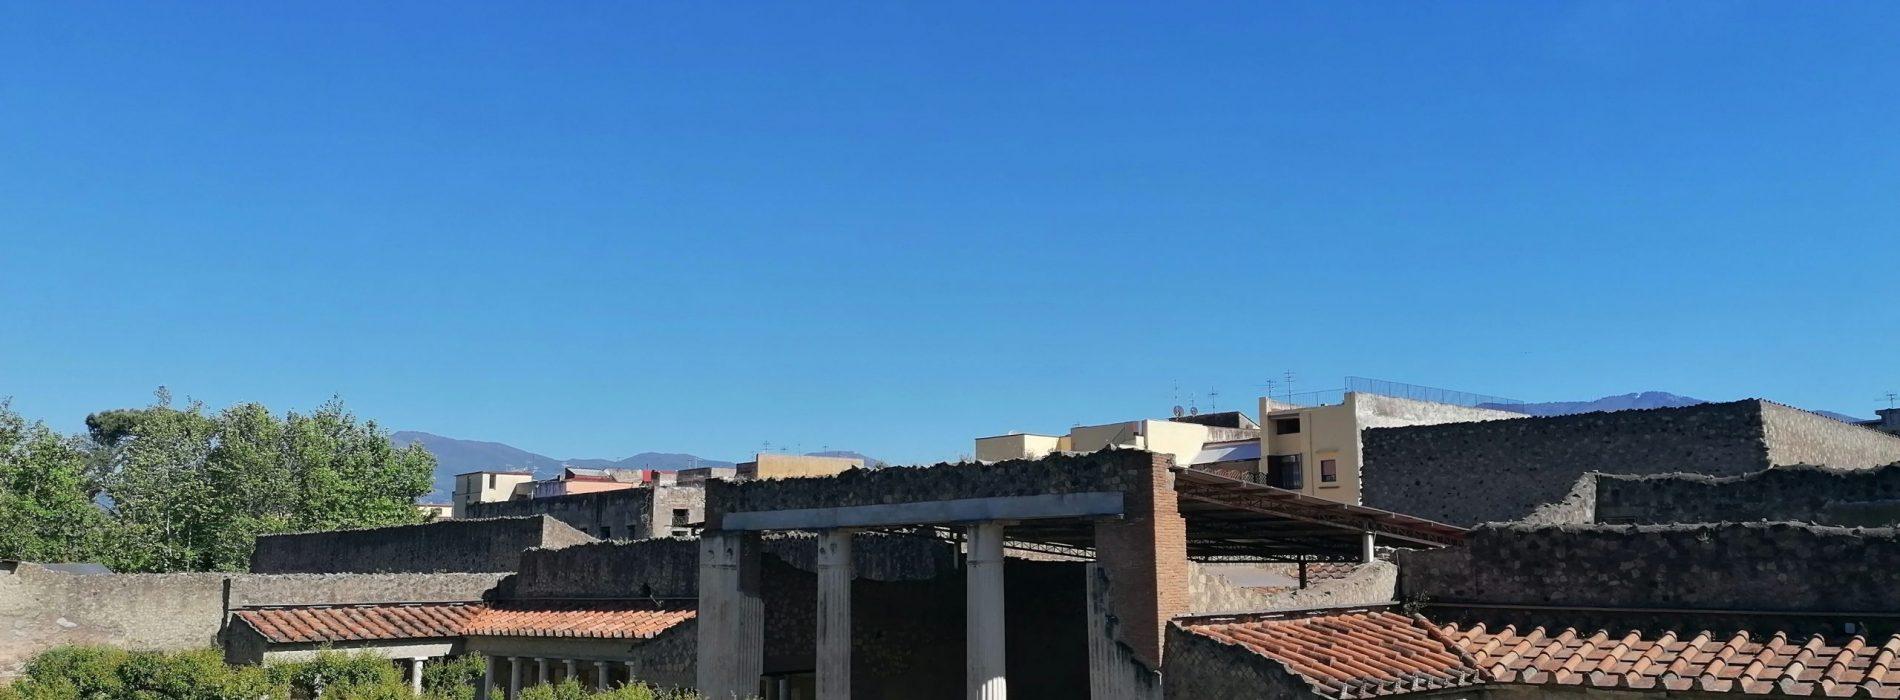 Oltre Pompei, sviluppo per la buffer zone degli scavi vesuviani